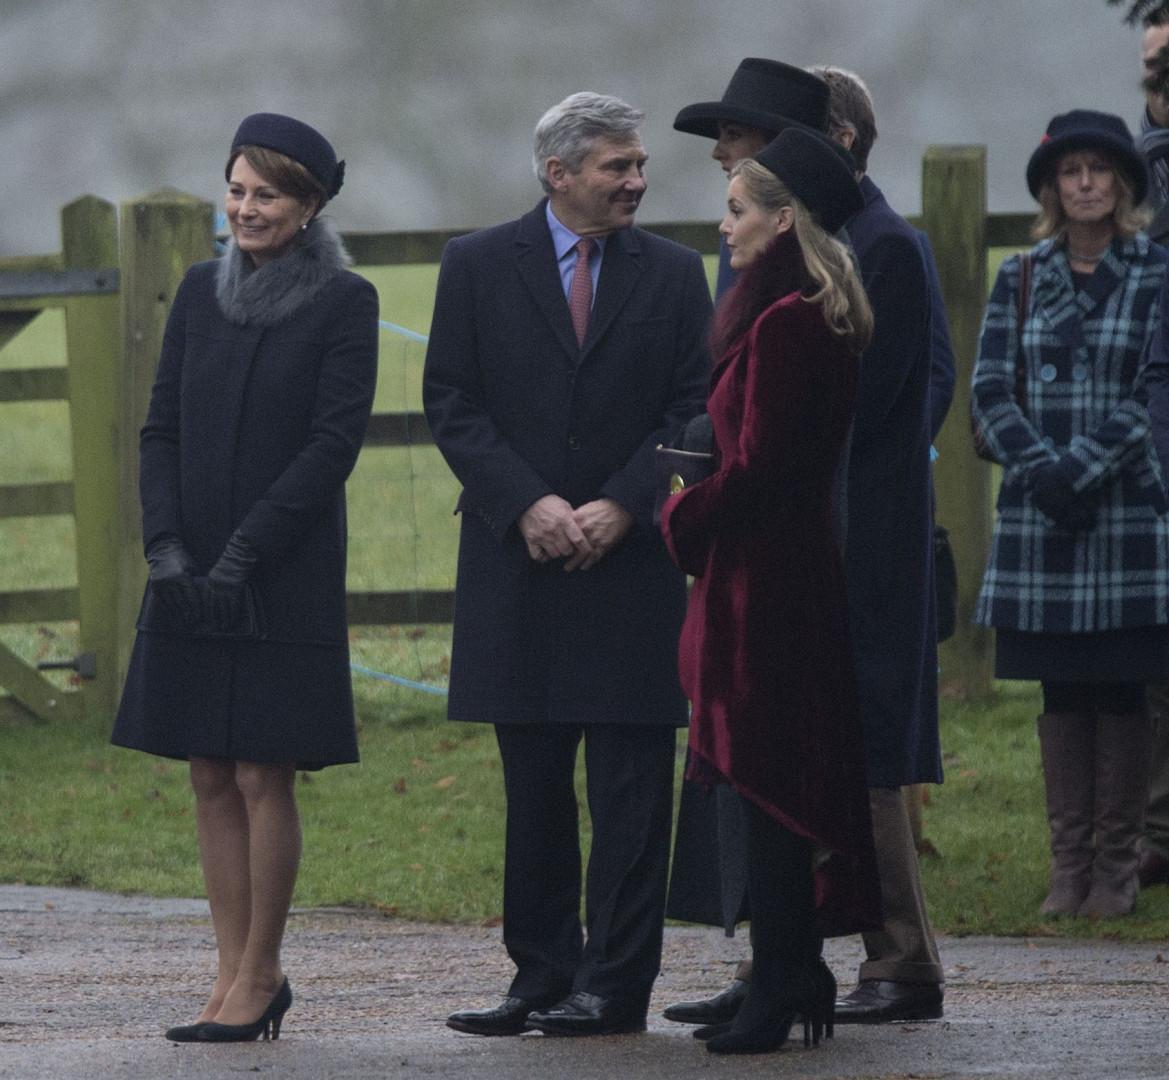 Carole et Michael, les parents de Kate et Pippa Middleton